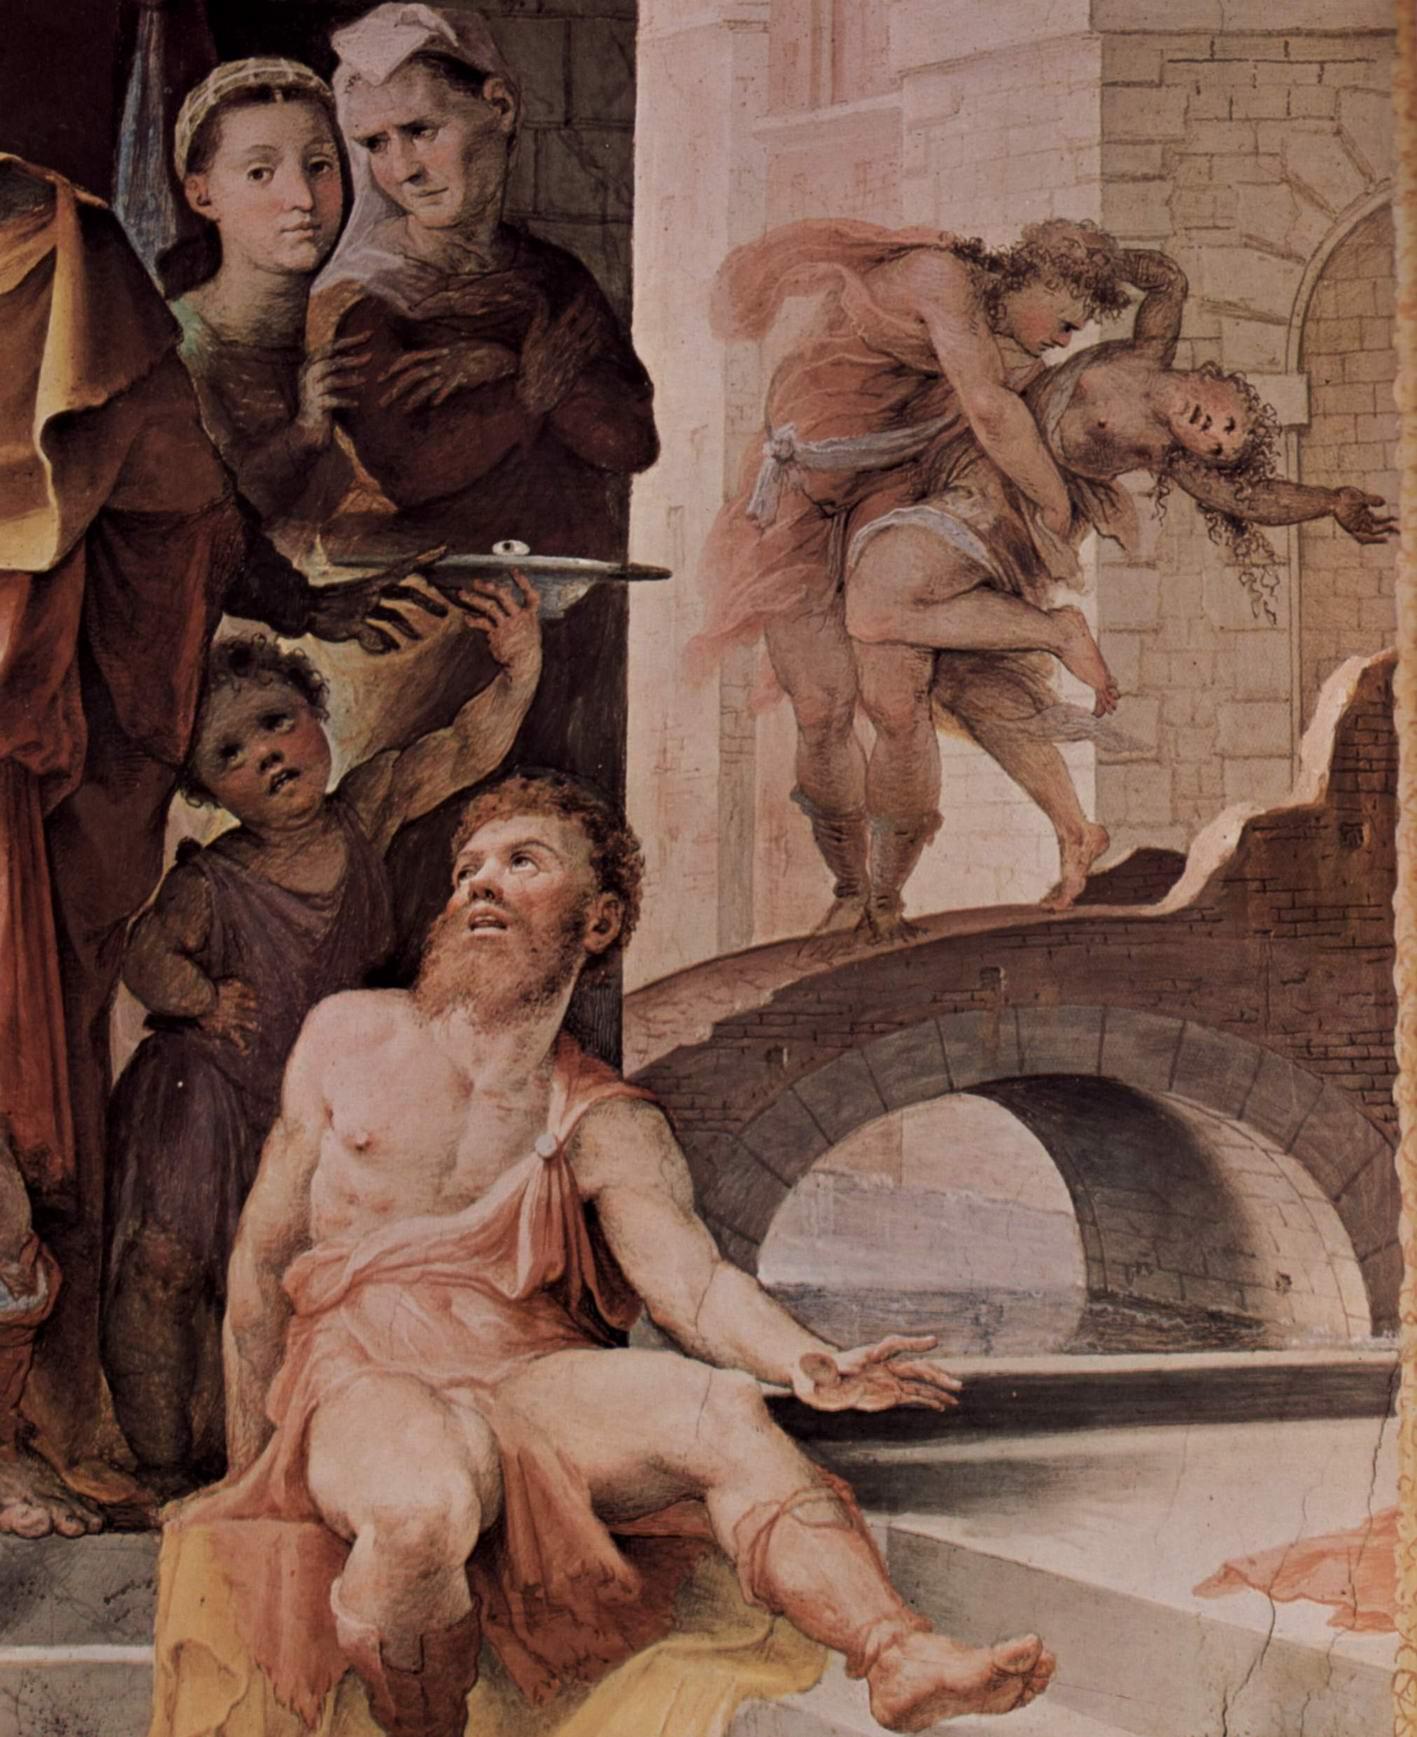 Аллегорический цикл фресок (Политические добродетели) из Палаццо Пубблико в Сиене. Жертва Селевкия из Локриды. Деталь, Беккафуми Доменико